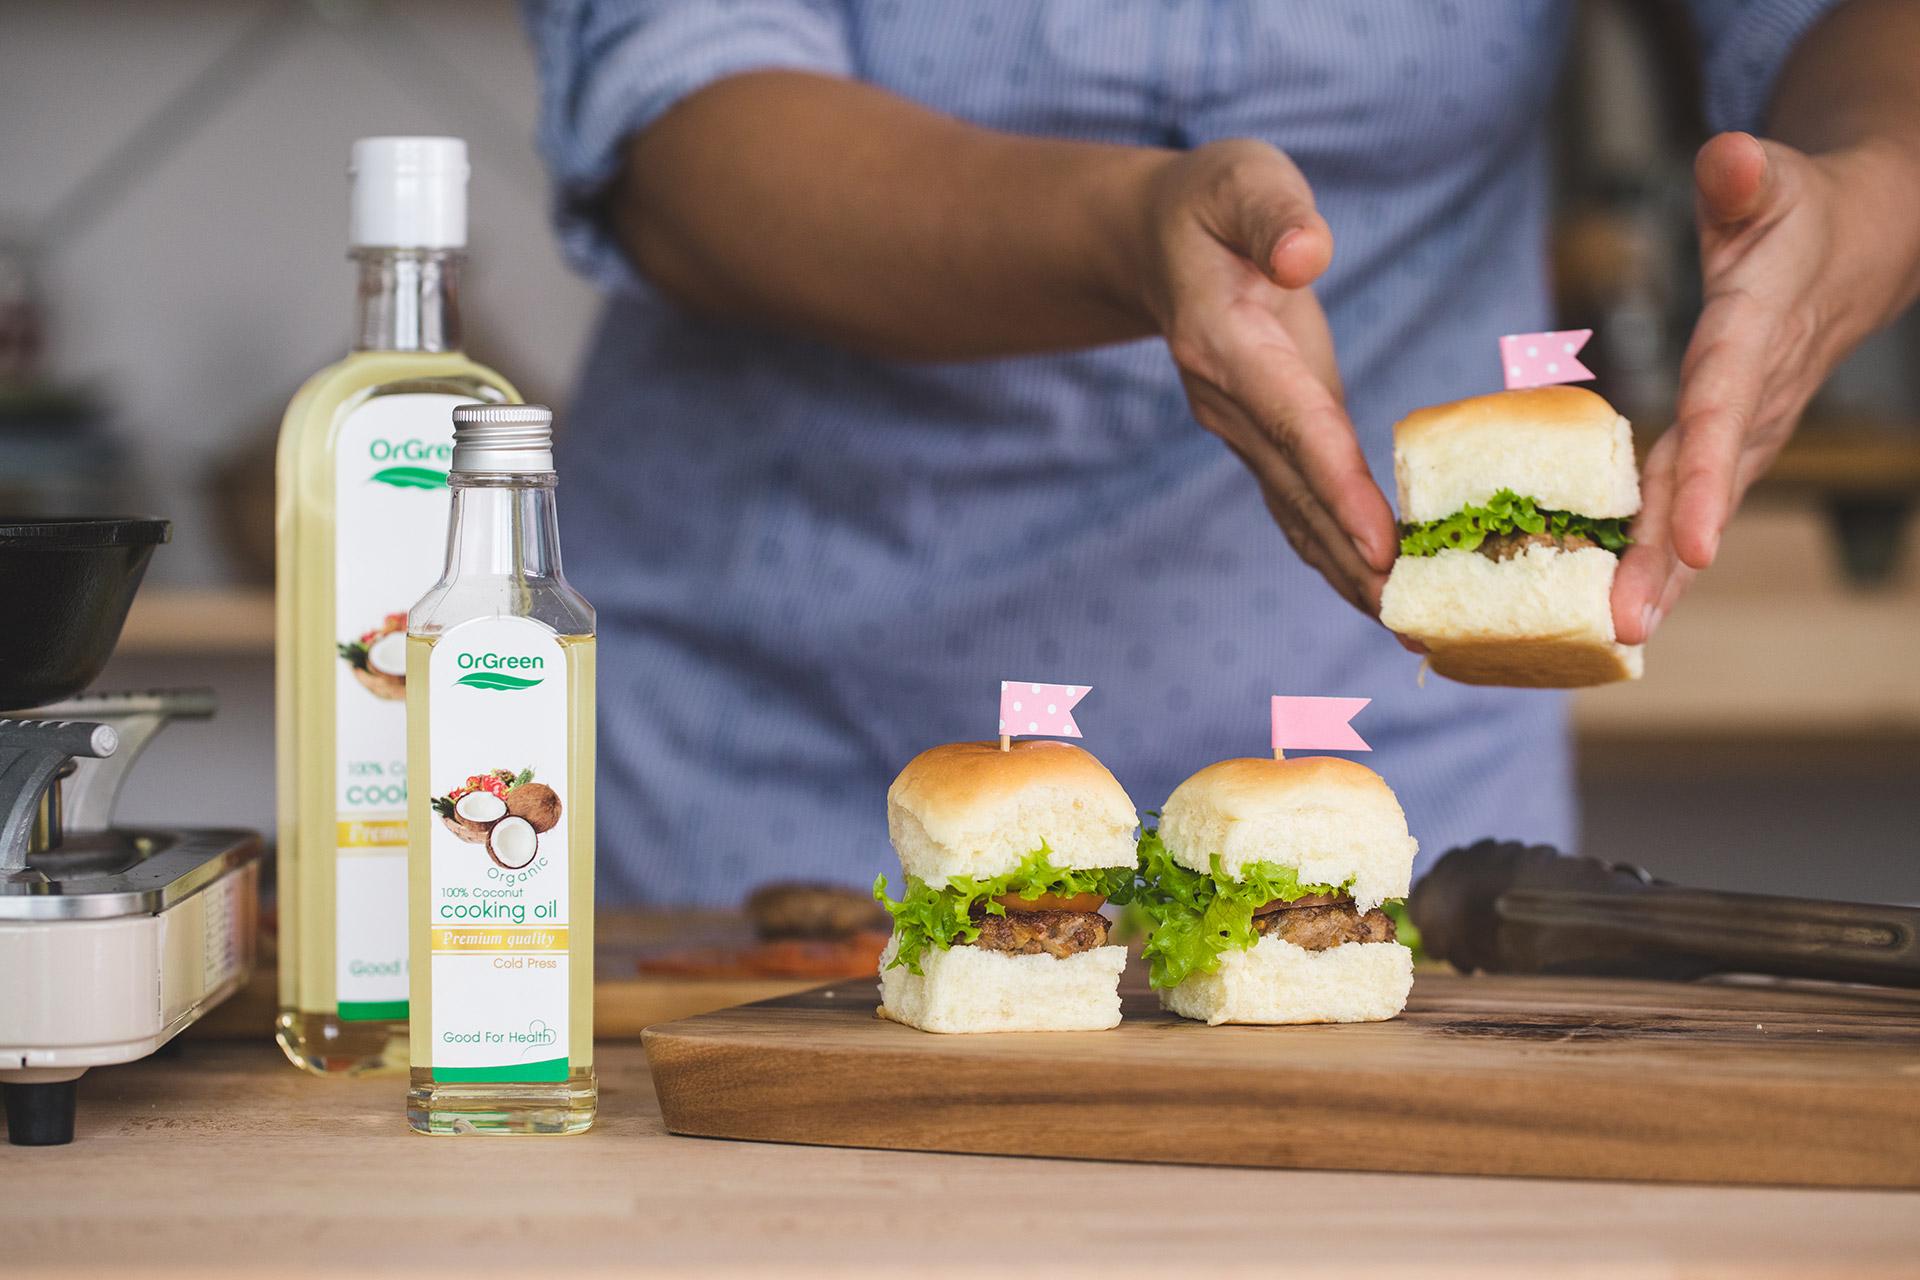 น้ำมันมะพร้าวสกัดเย็นทำ mini burger หมู